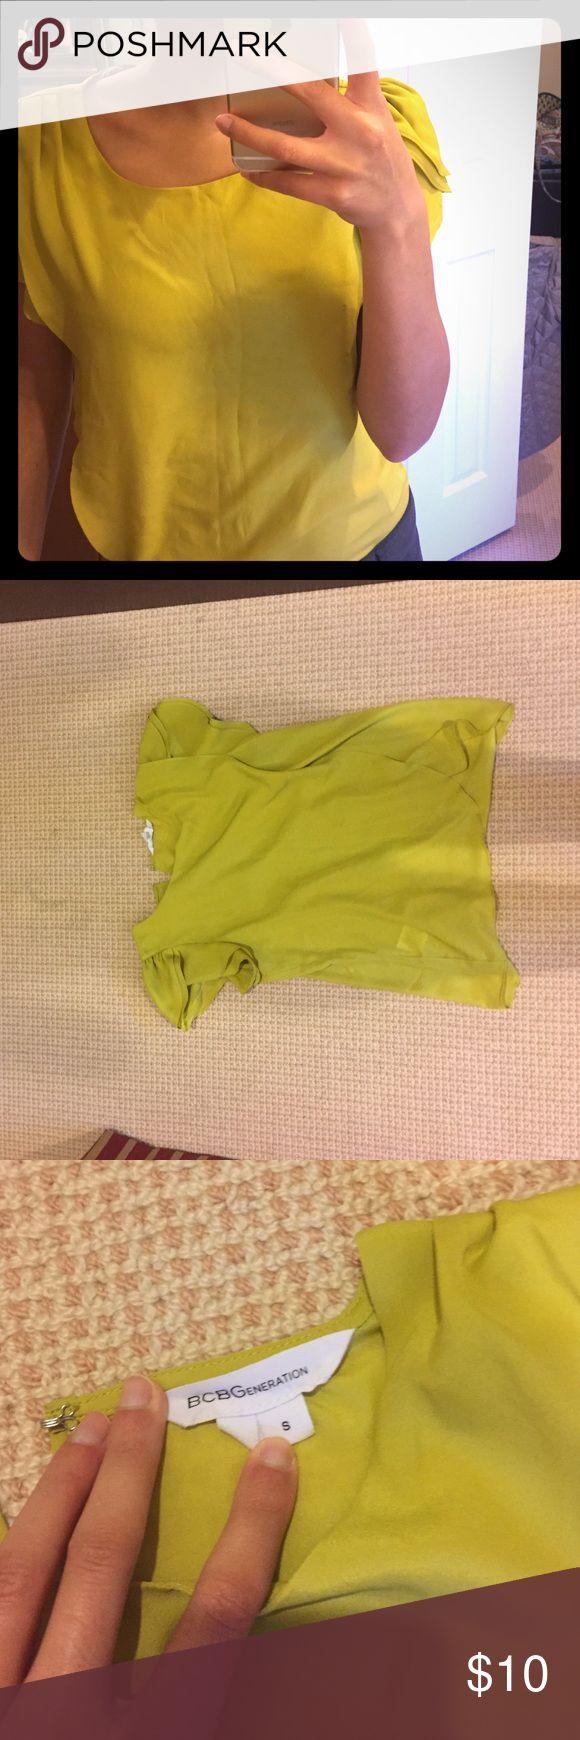 BCBGeneration yellow green flutter sleeve top sz S Flutter sleeve top BCBGeneration Tops Blouses